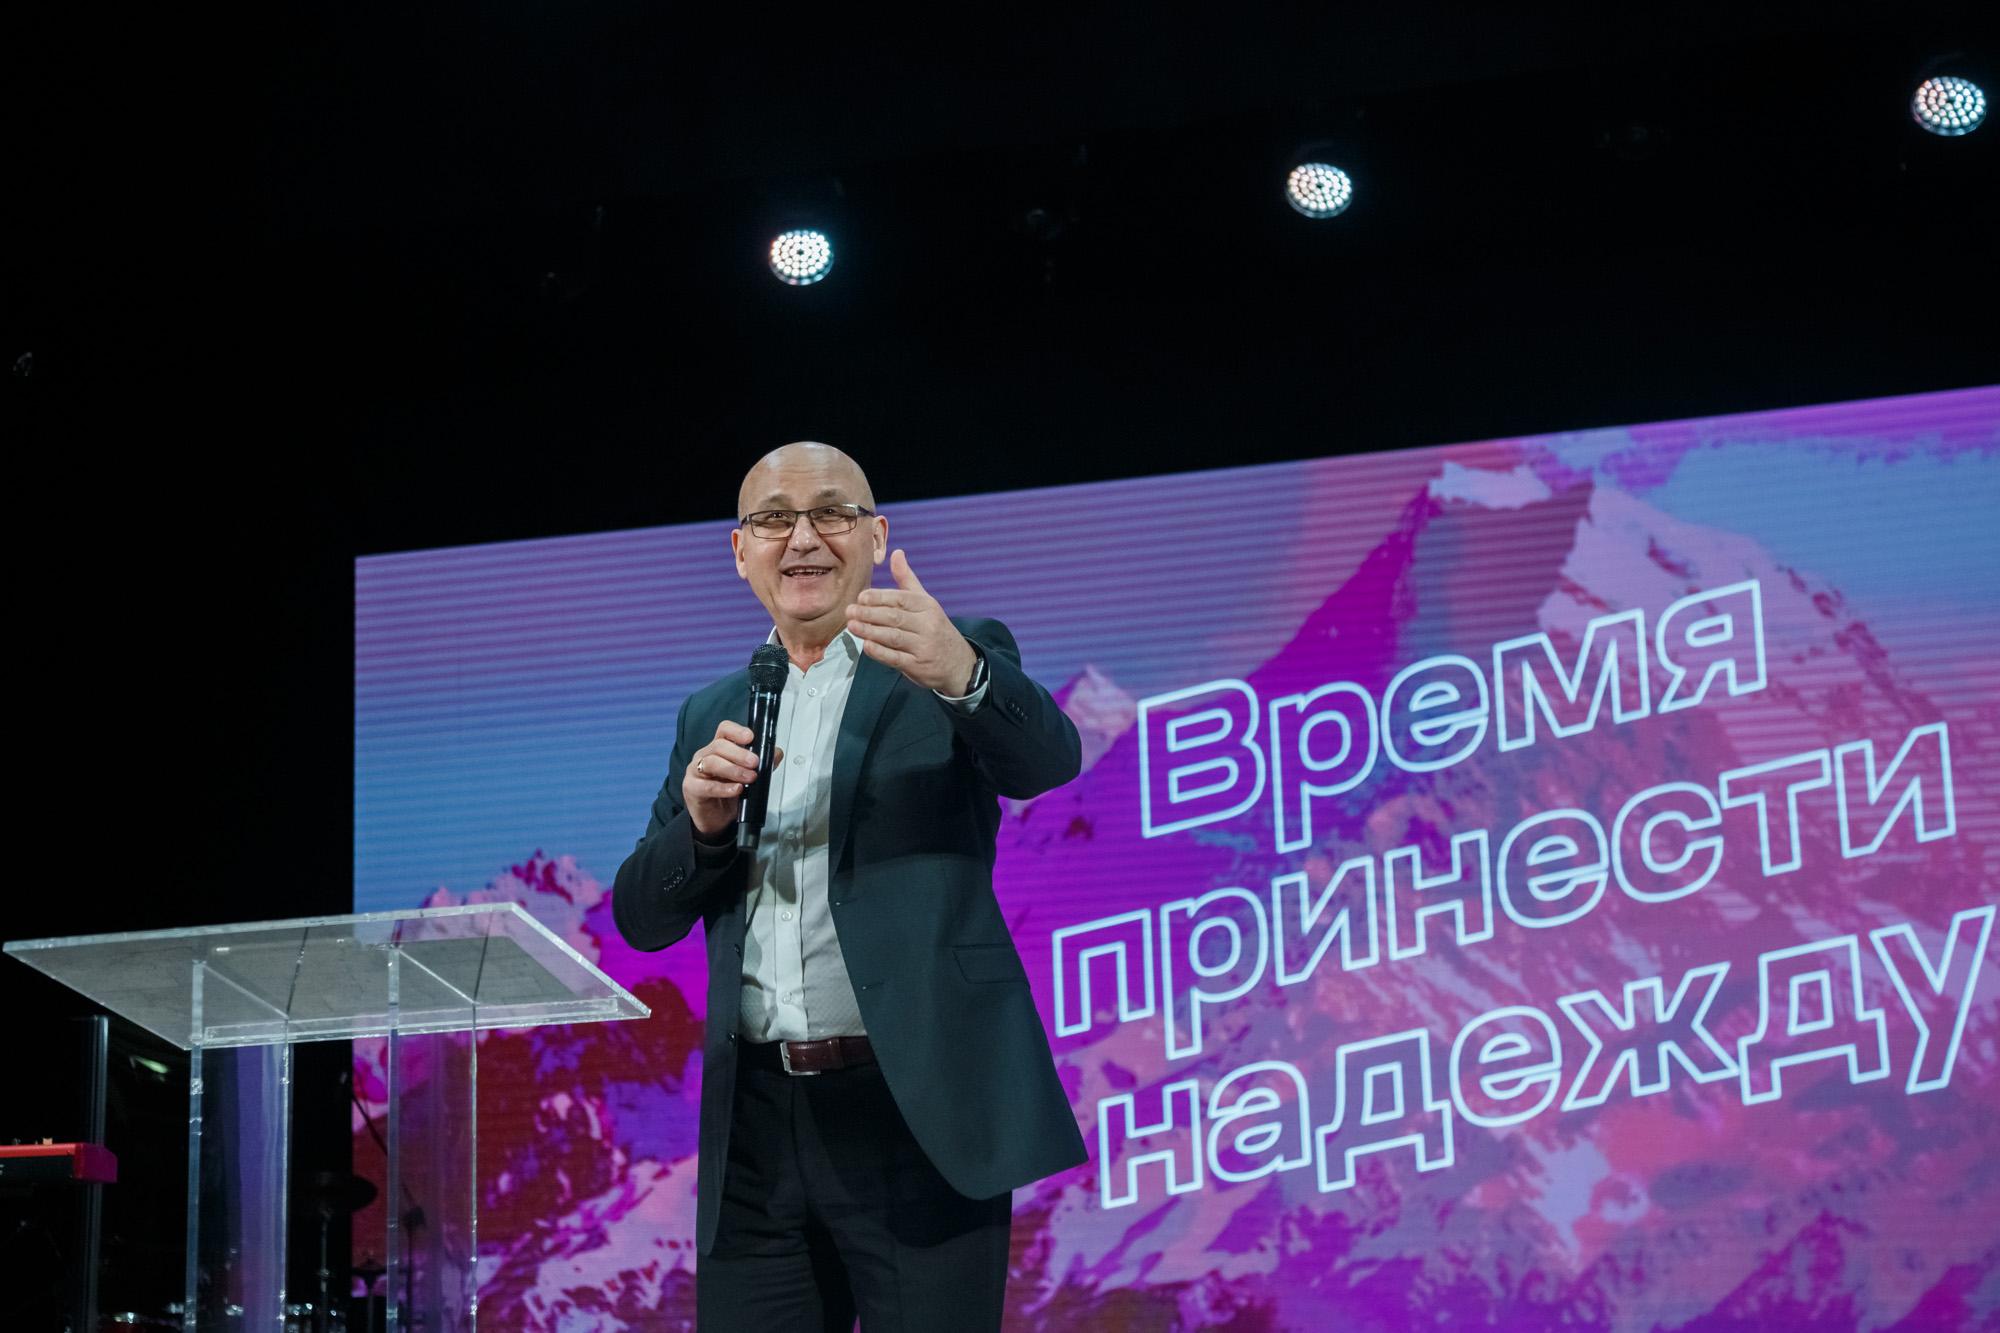 Время принести надежду. В Перми прошла онлайн-конференция служения реабилитации «Всё возможно»